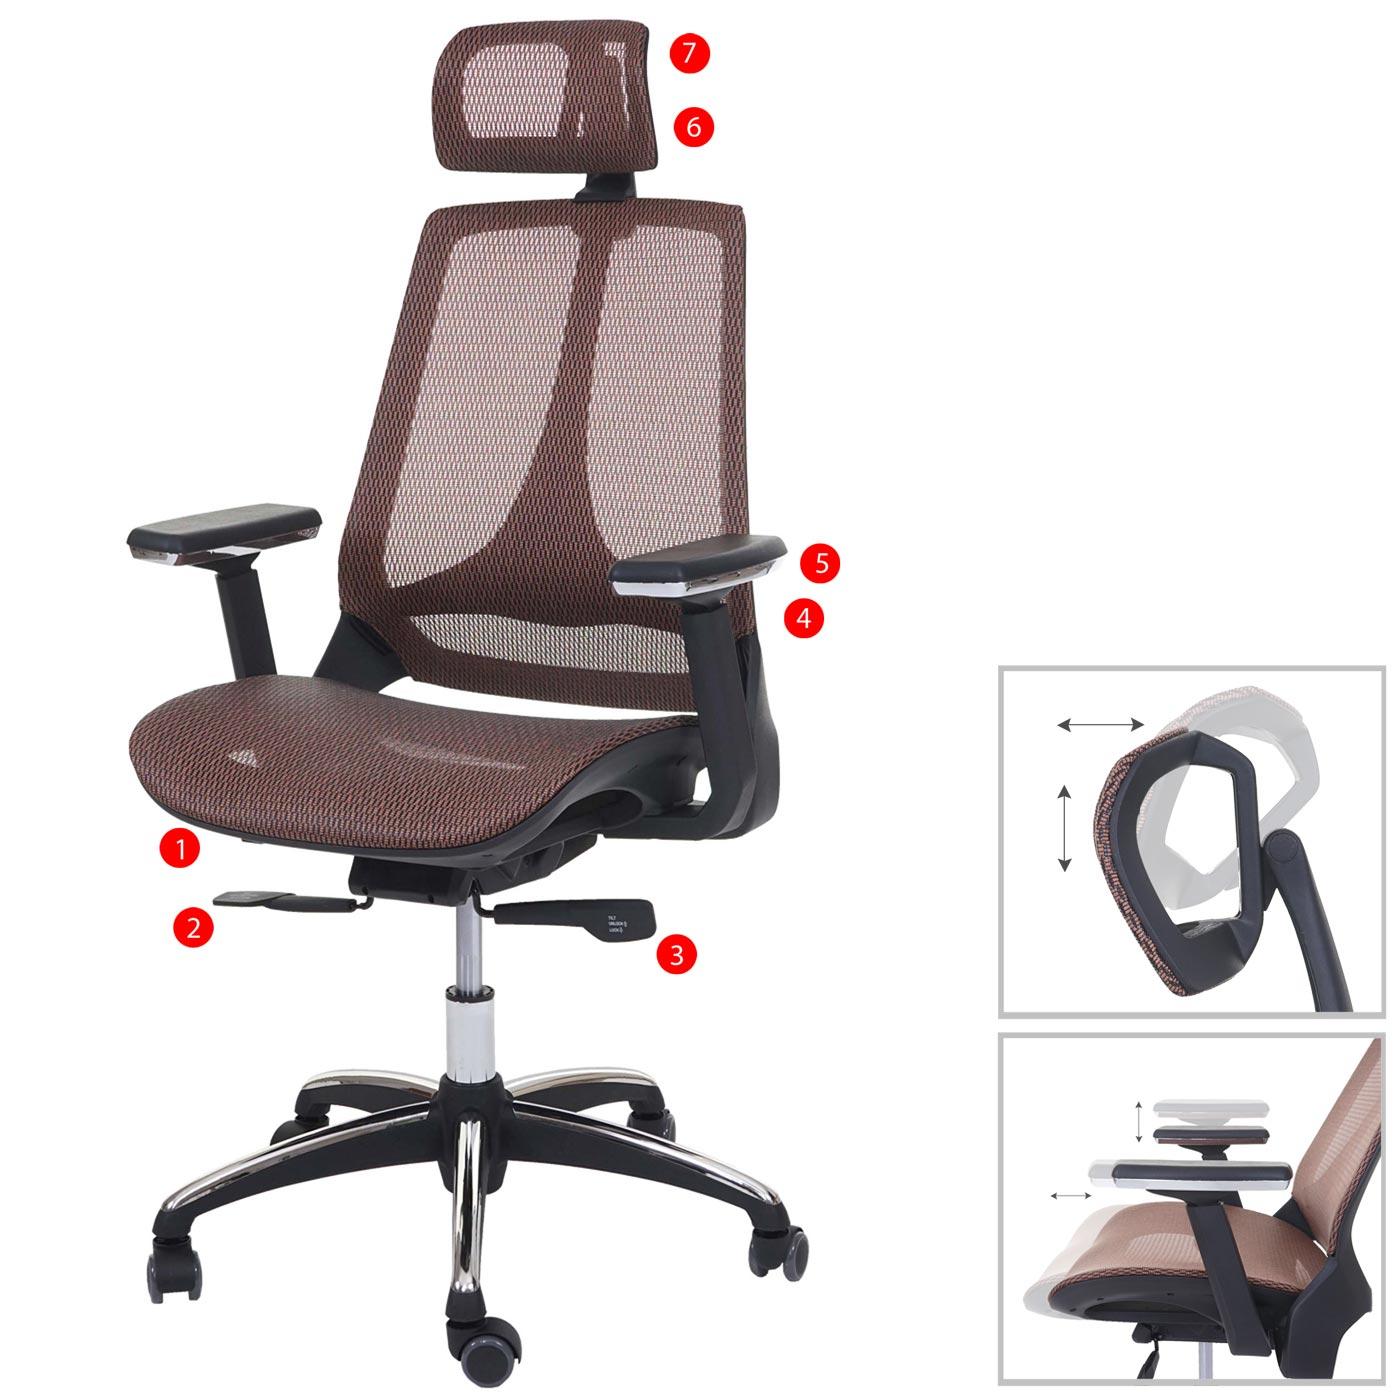 Bürostuhl MCW-A59, Schreibtischstuhl, Sliding-Funktion Textil ISO9001 ~ mandarin/mandarin